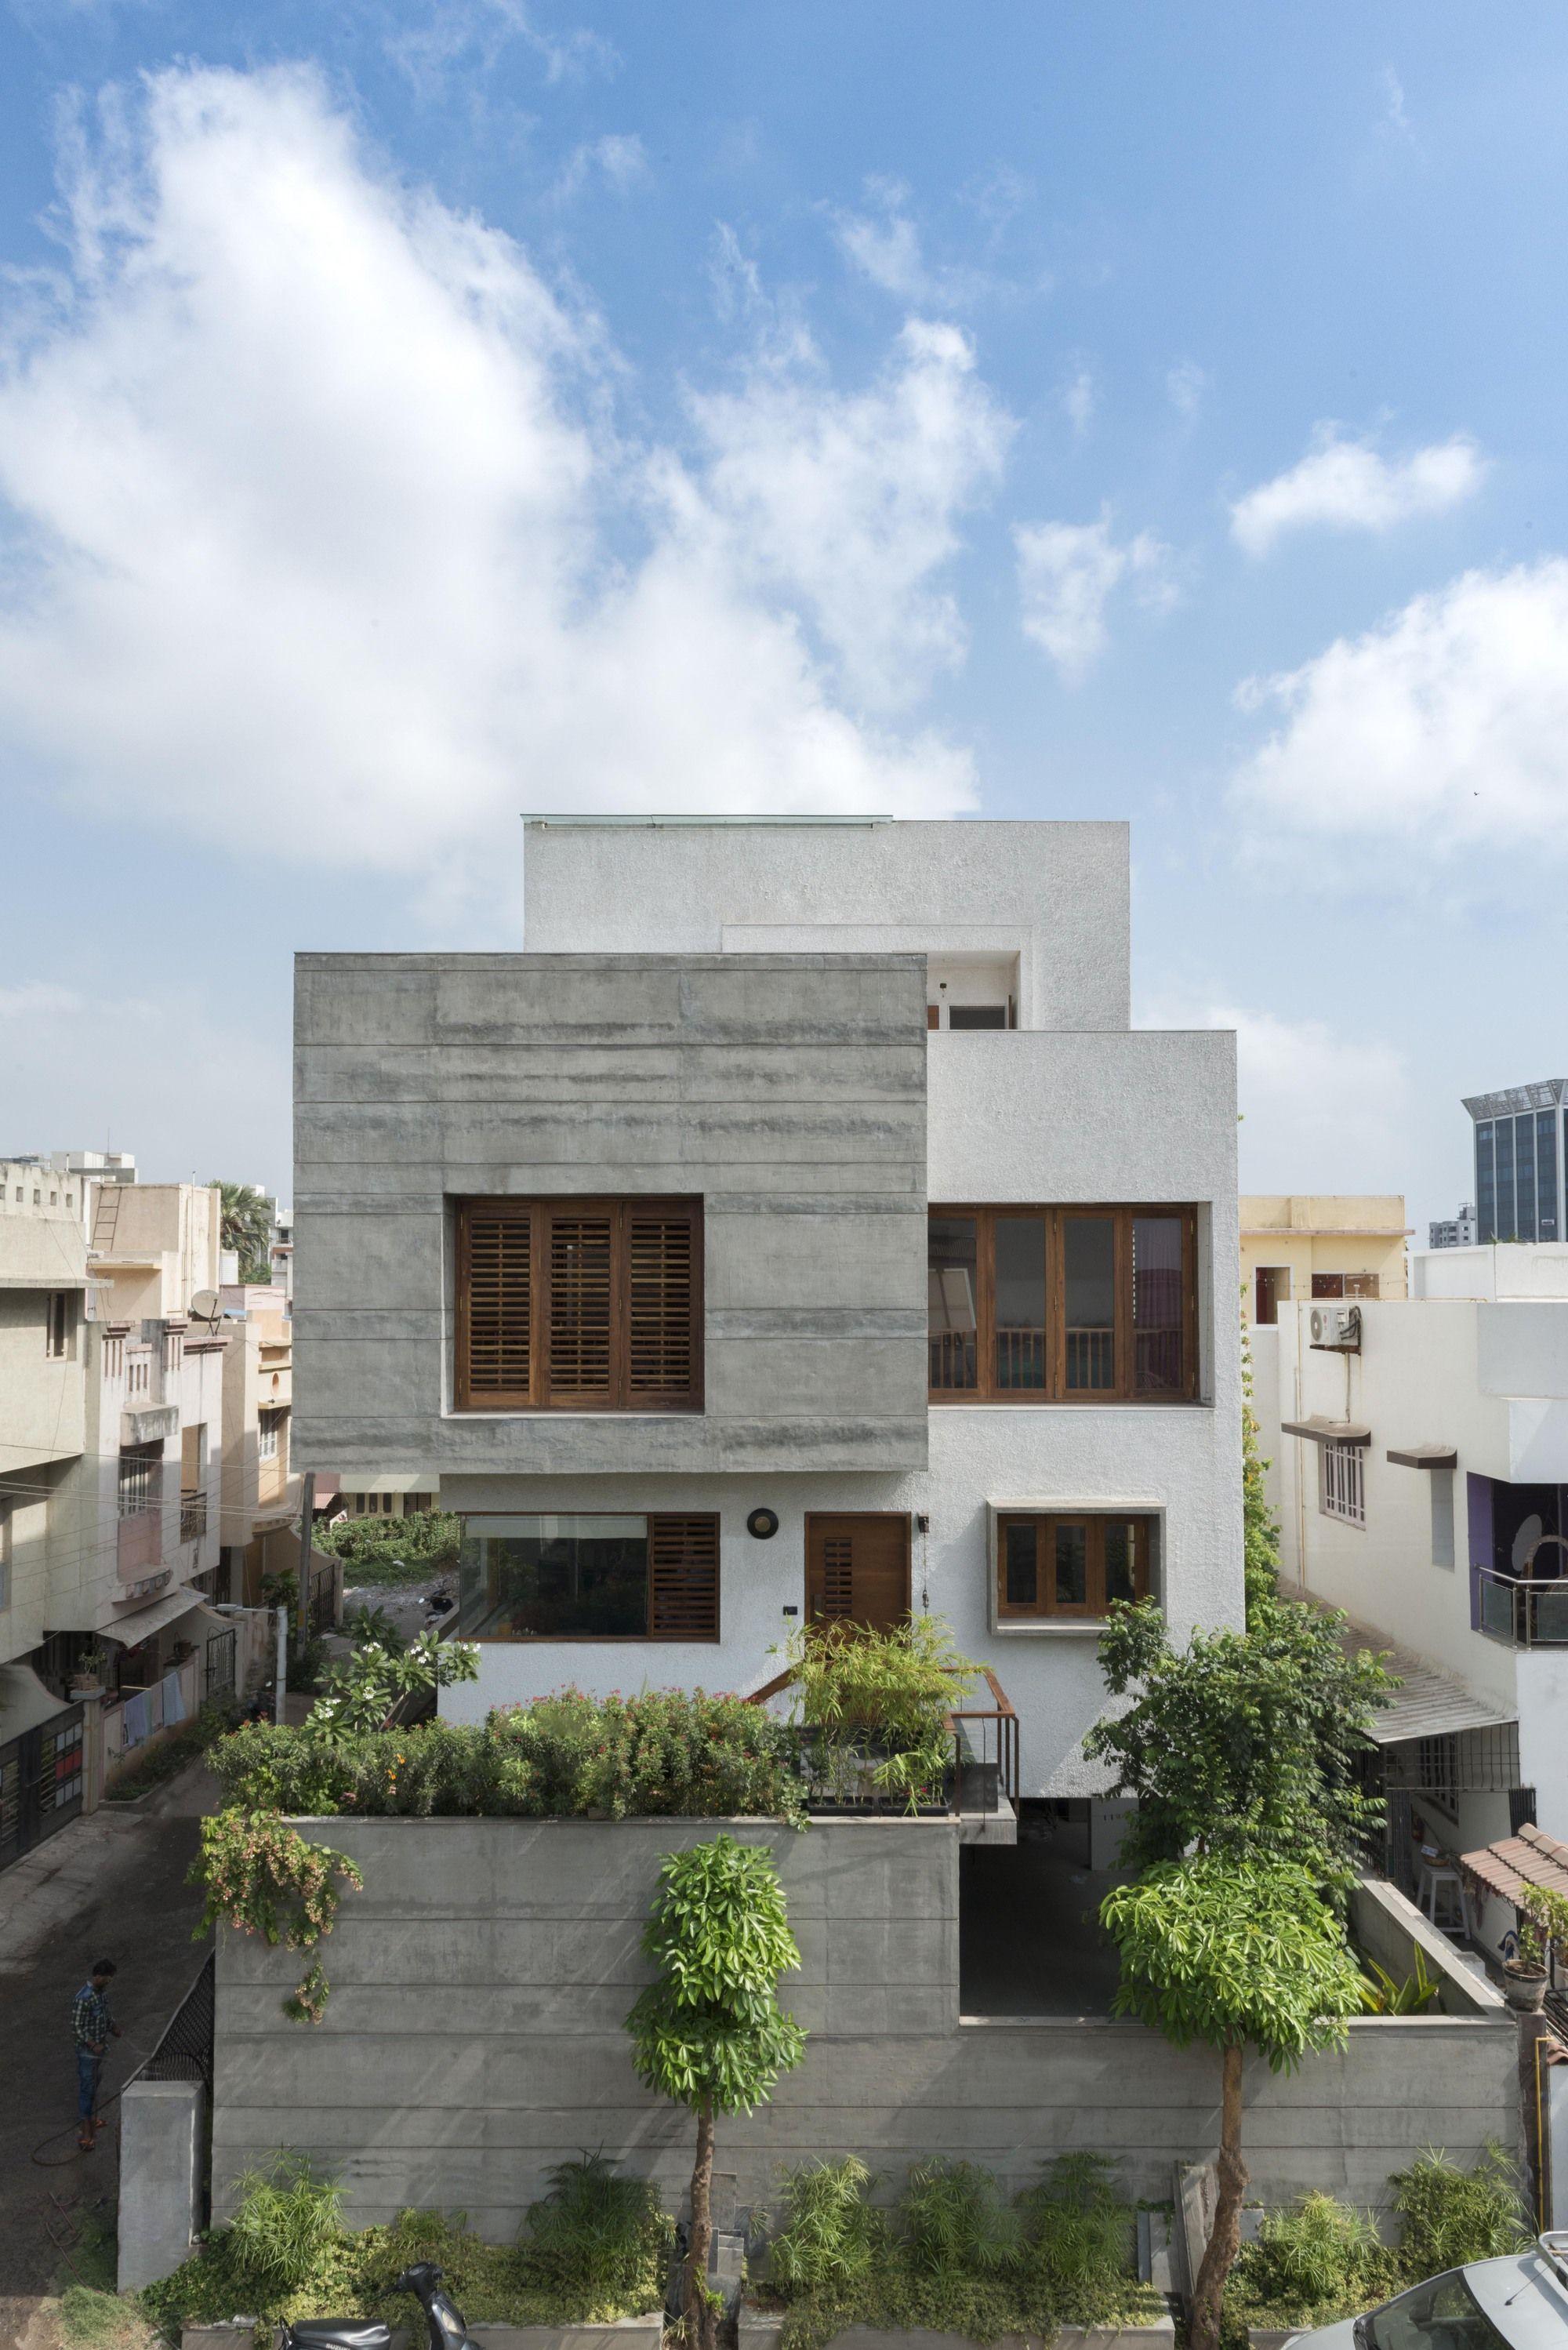 The H Cube House / Studio Lagom   Moderne häuser, Architektur und ...